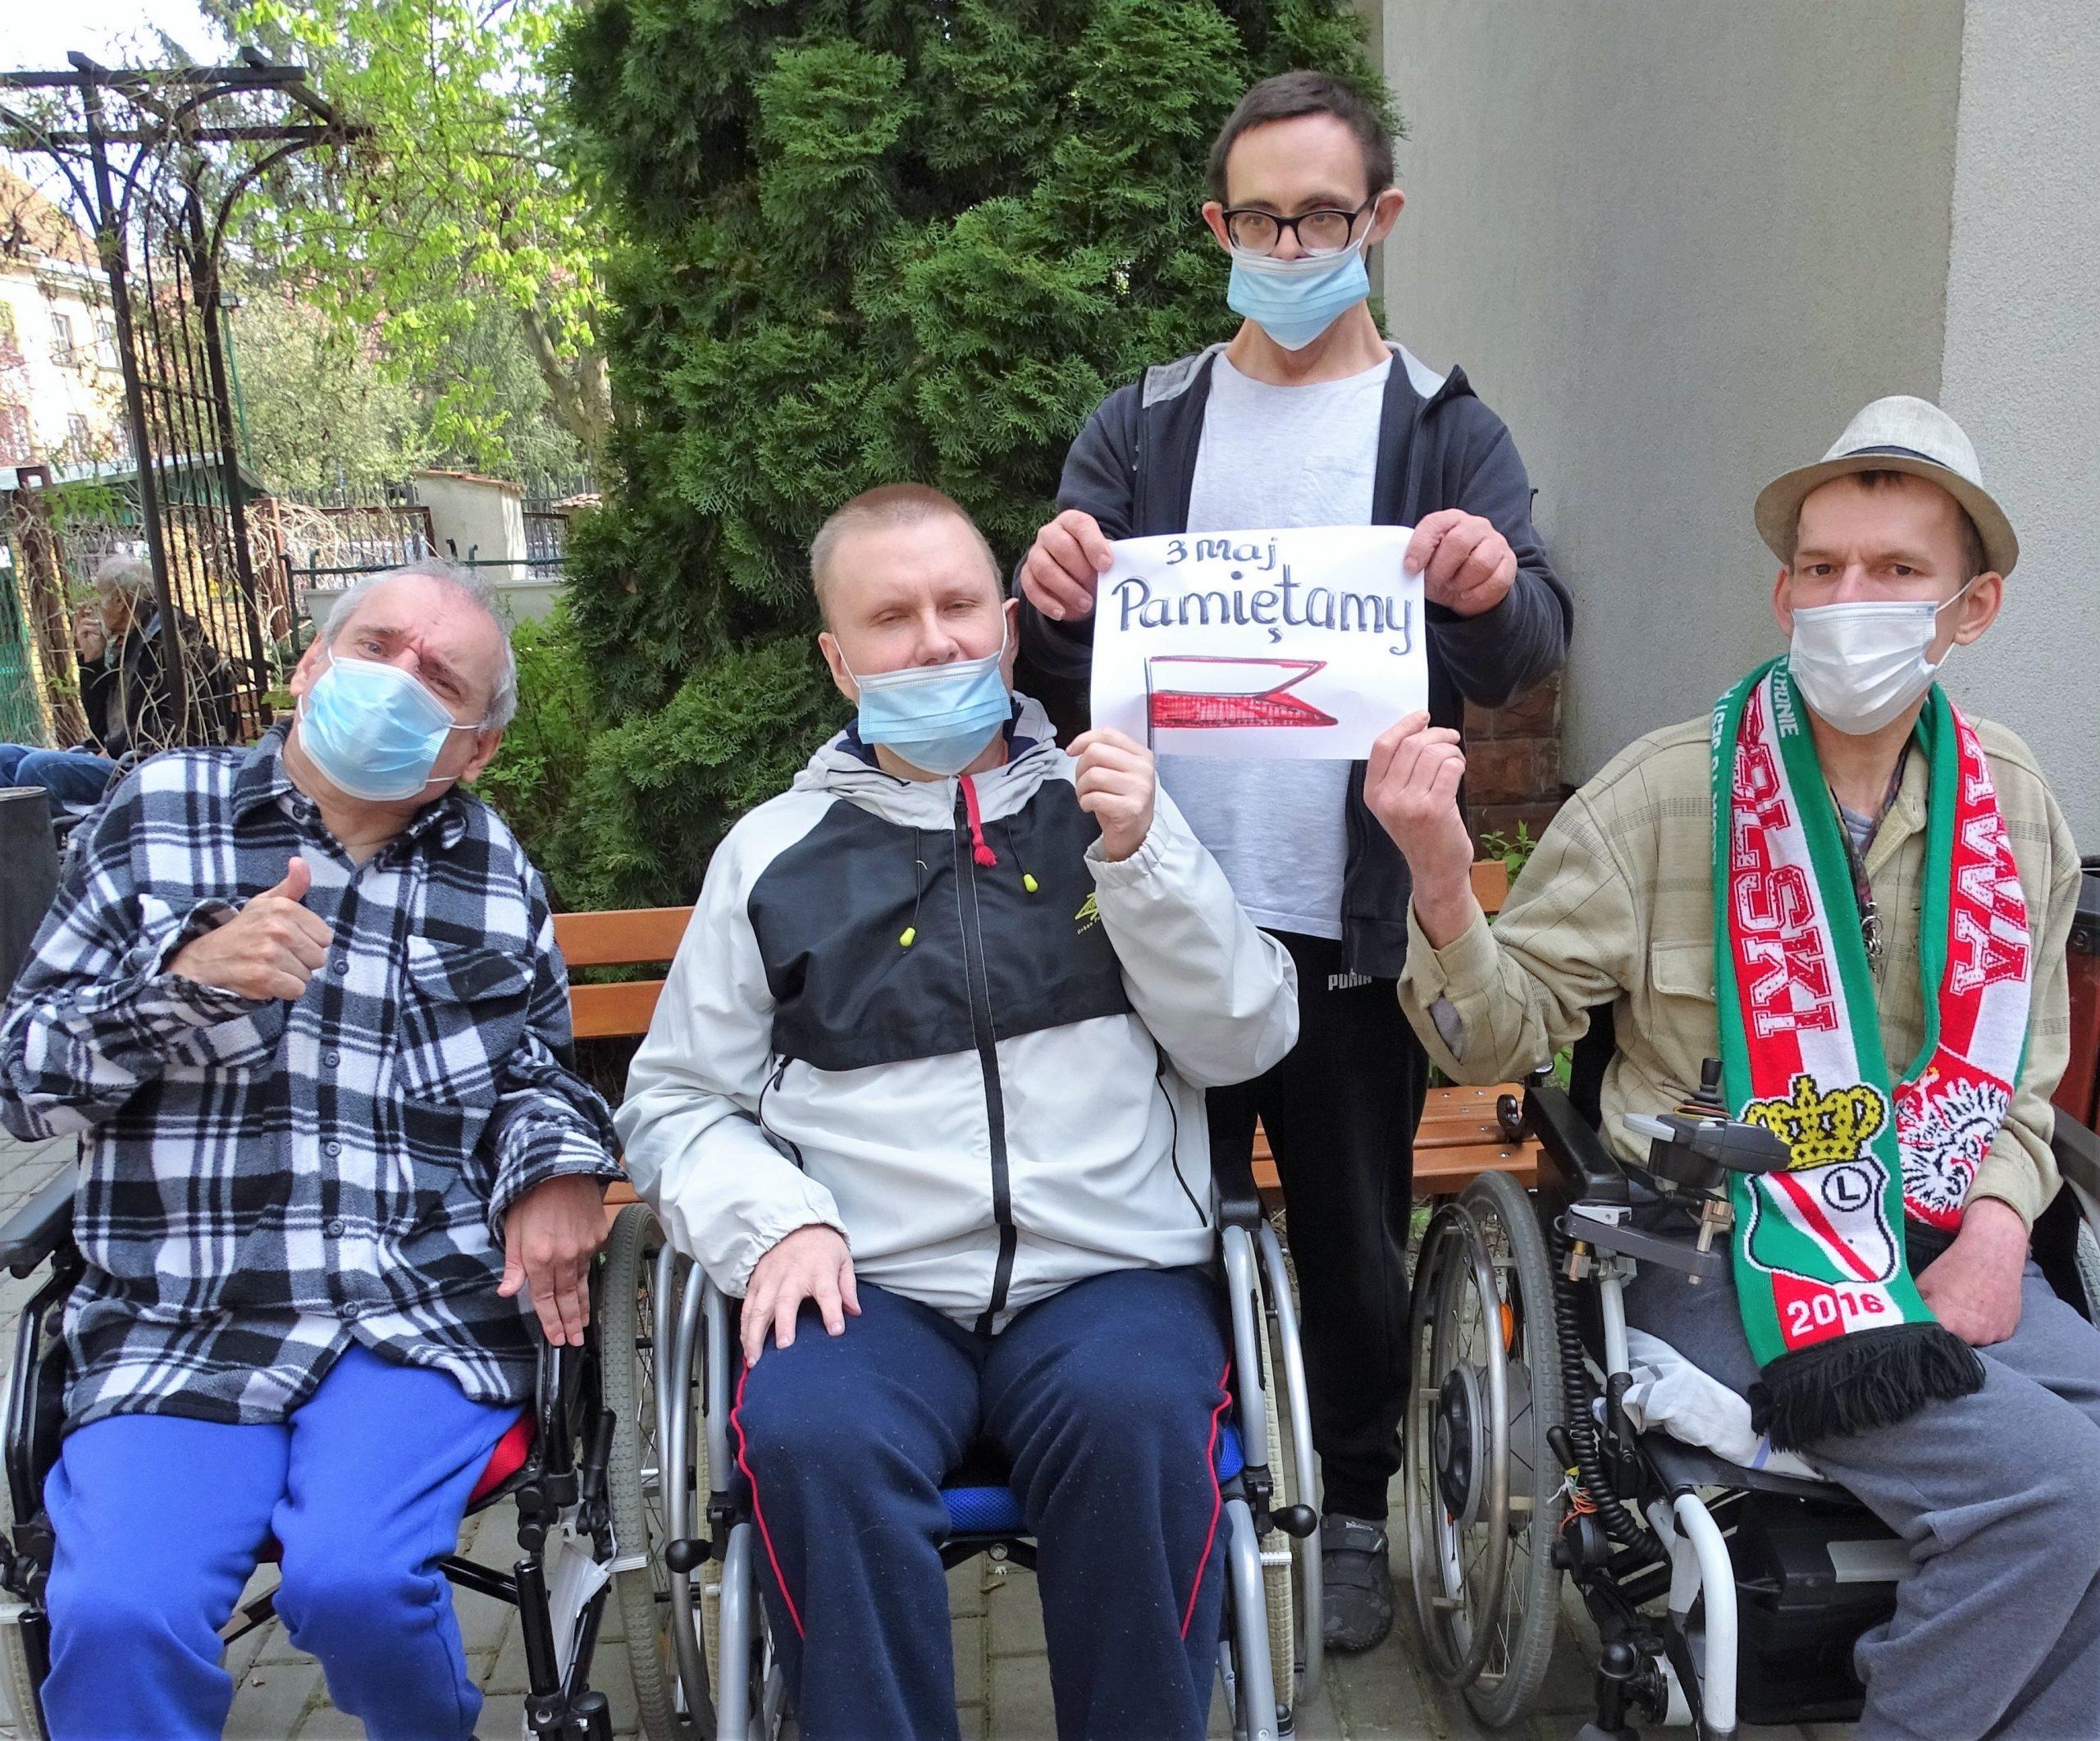 czterech mężczyzn z plakatem polskiej flagi